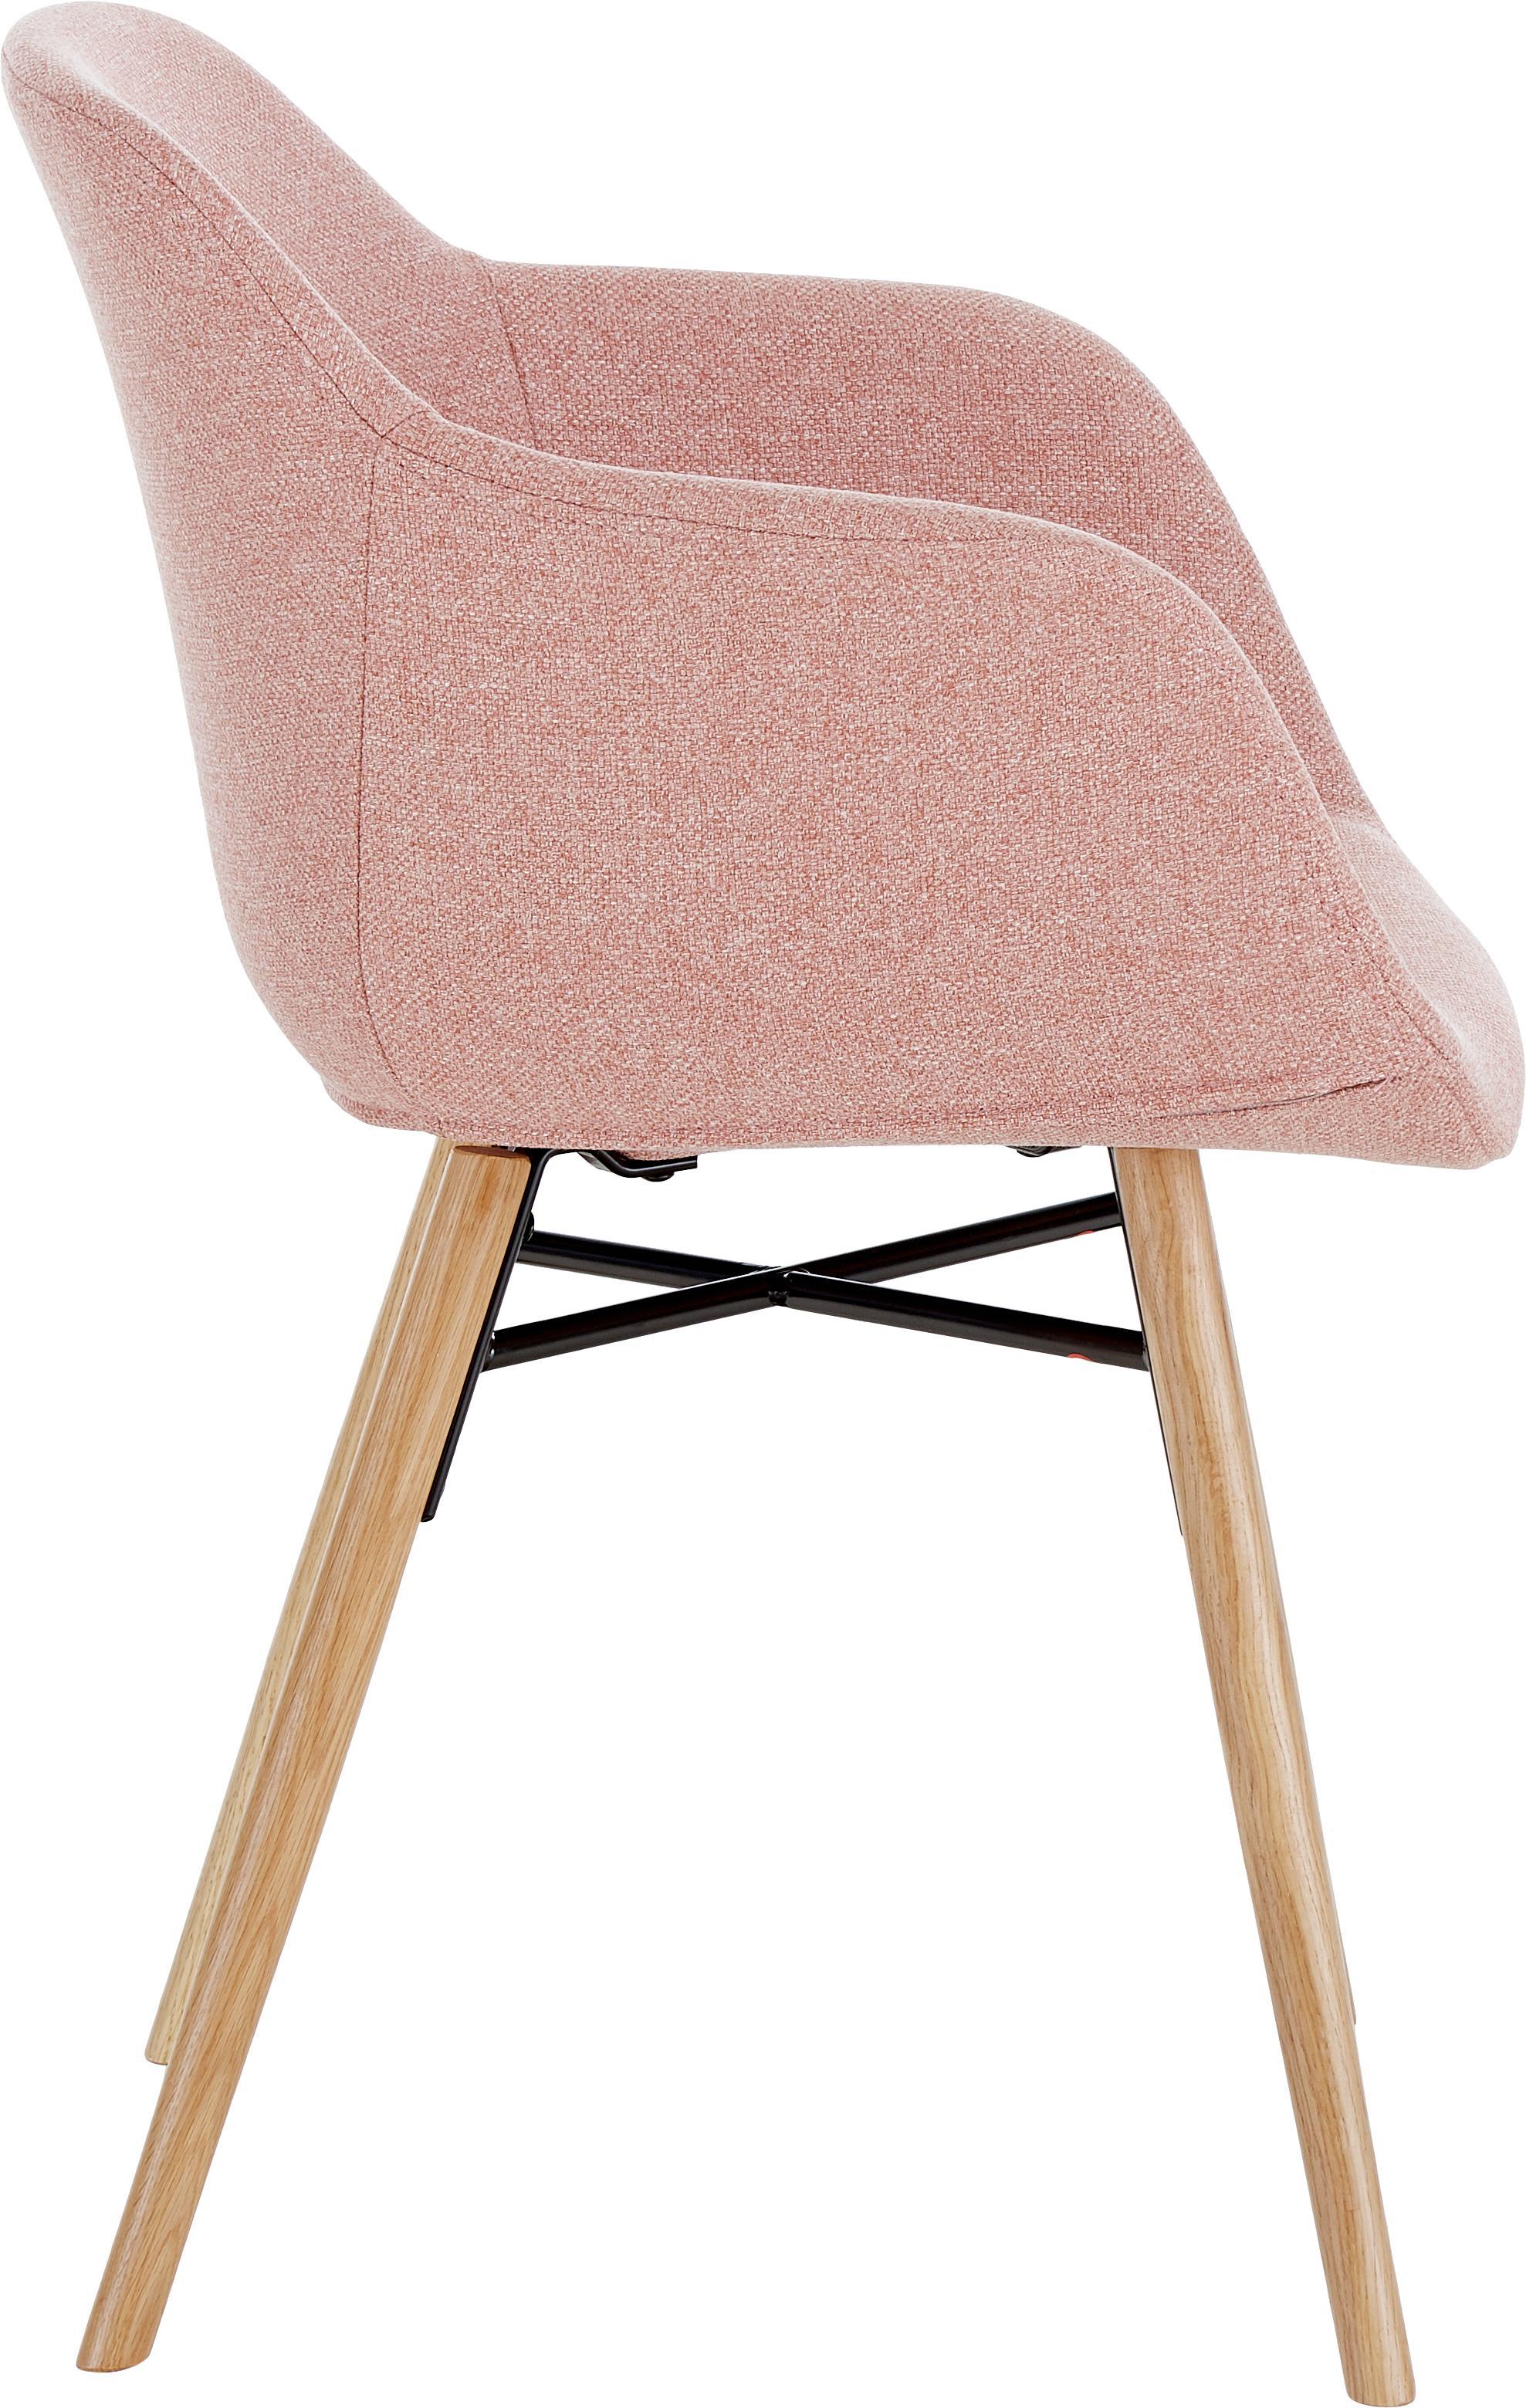 Silla con reposabrazos Fiji, Tapizado: poliéster 40.000ciclos e, Patas: madera de roble maciza, Tejido rosa, patas roble, An 59 x F 55 cm